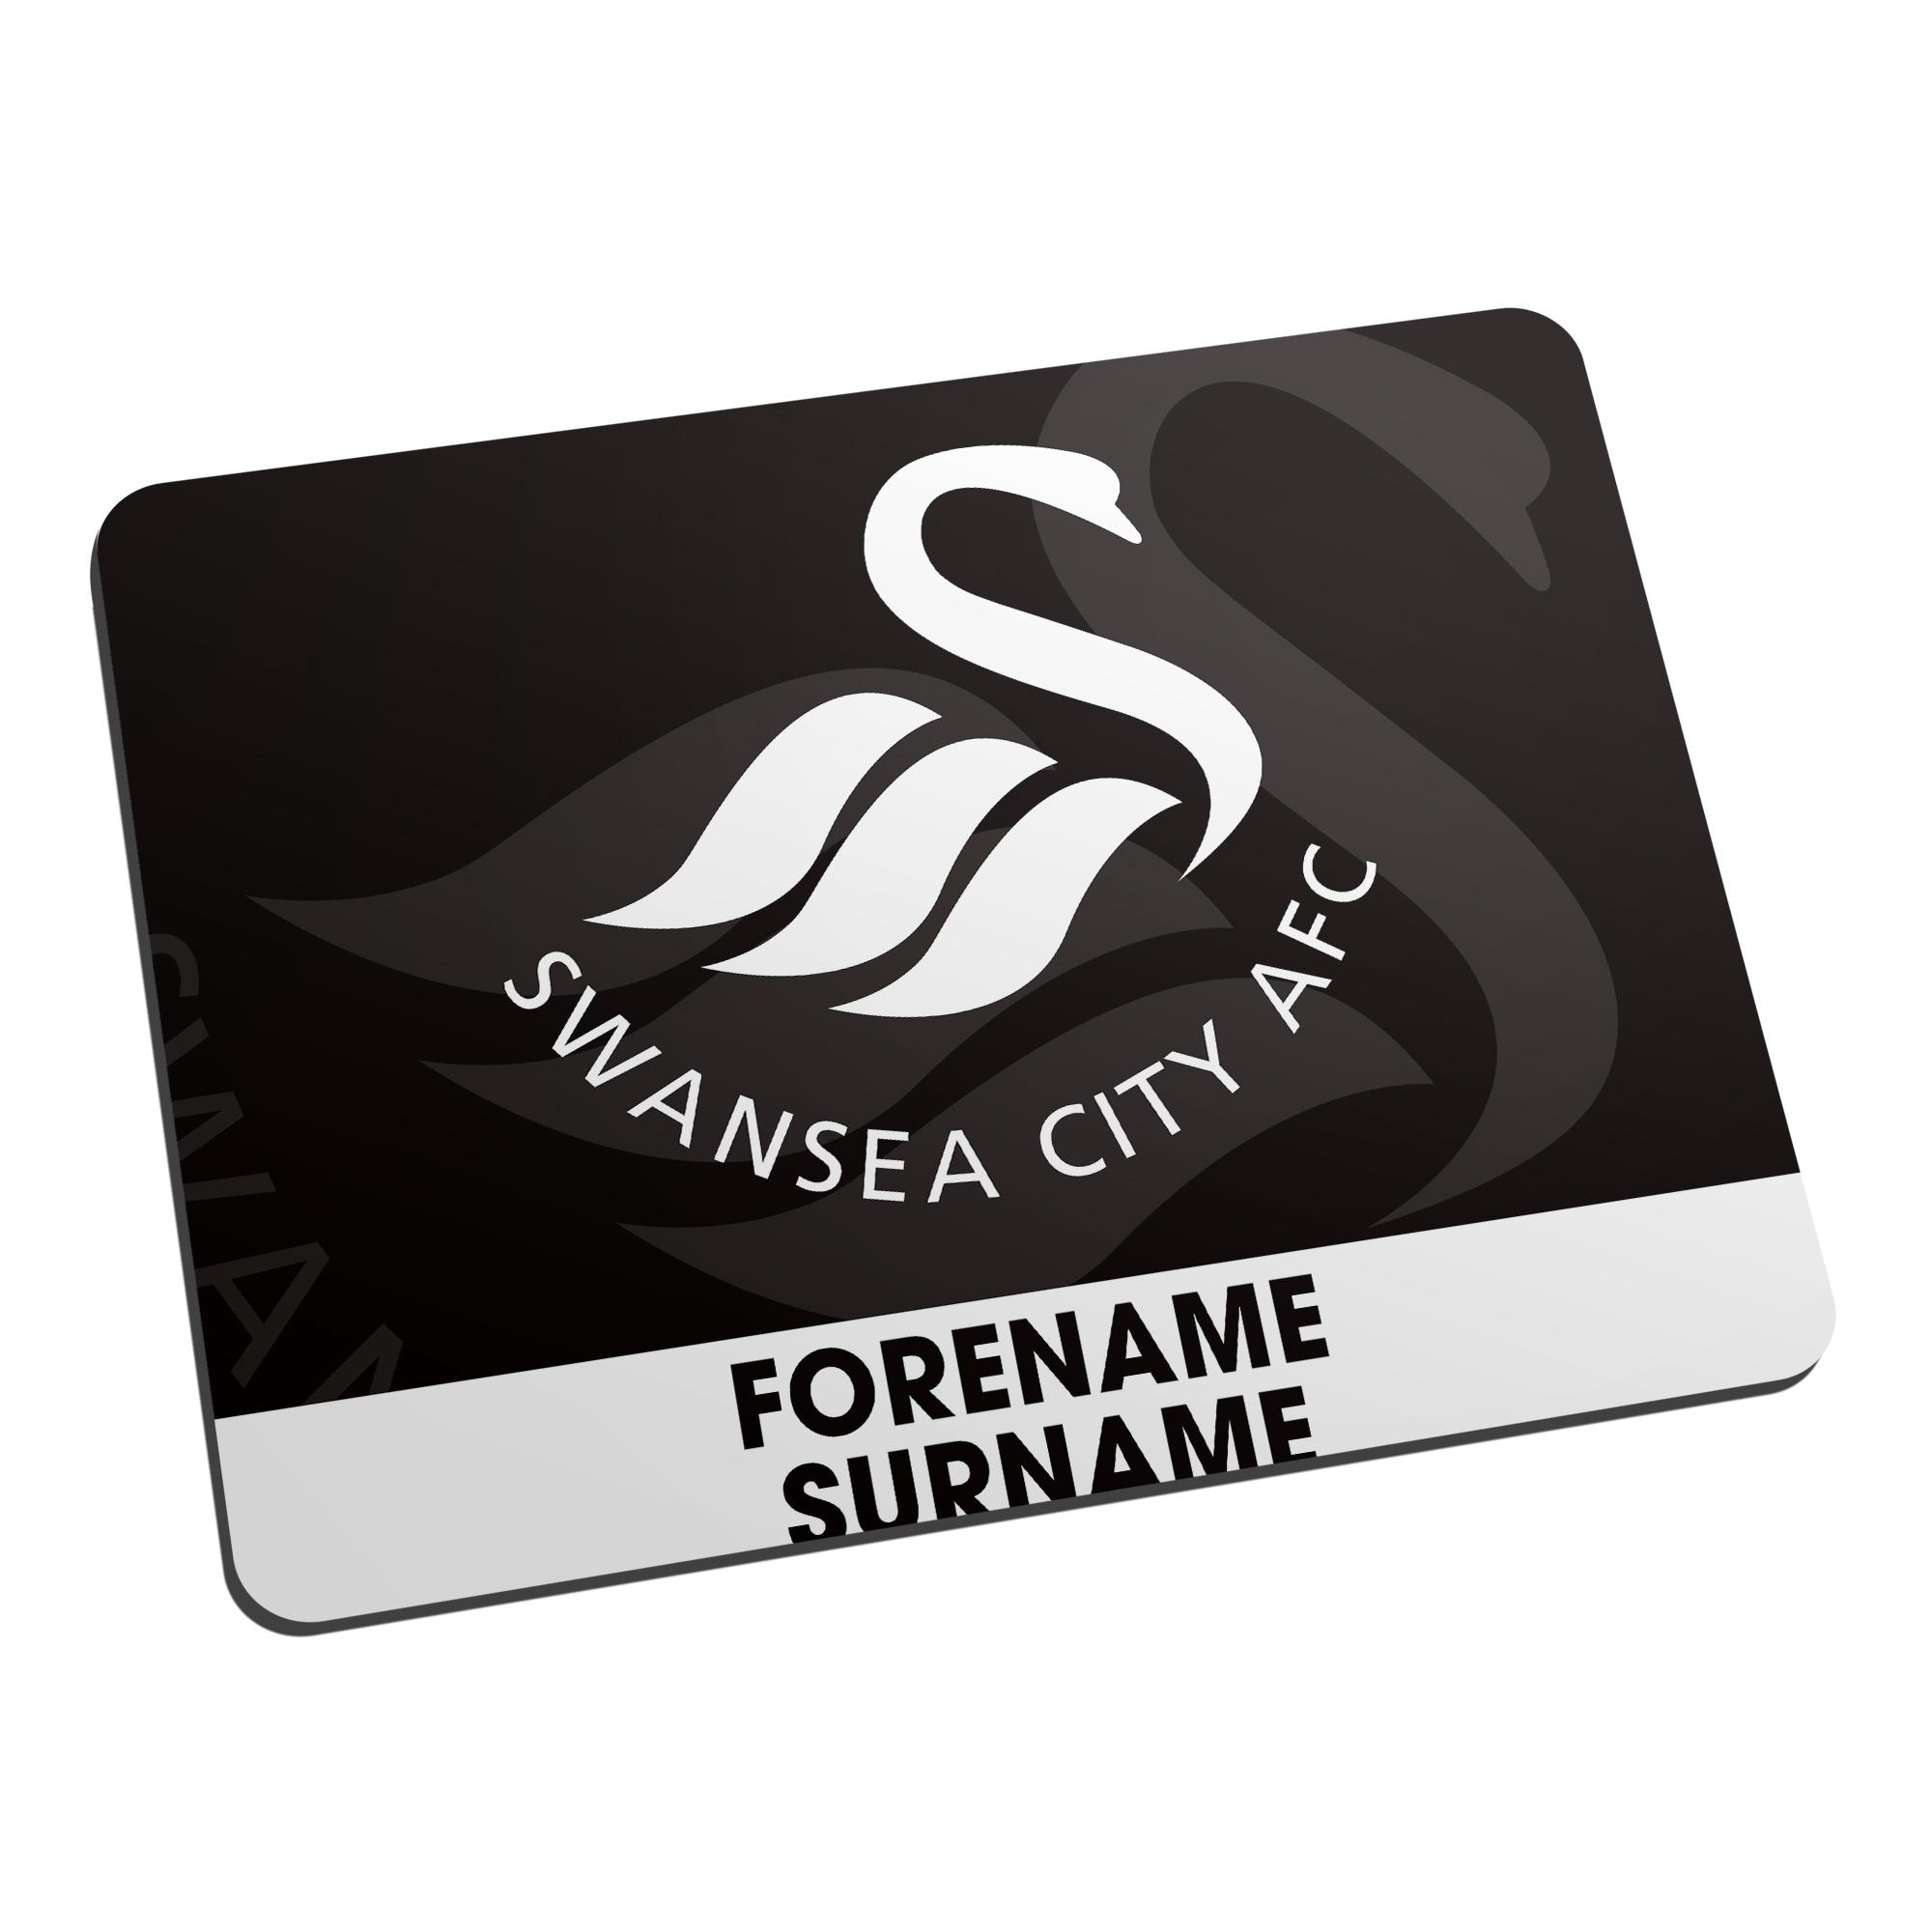 Swansea City AFC Bold Crest Mouse Mat